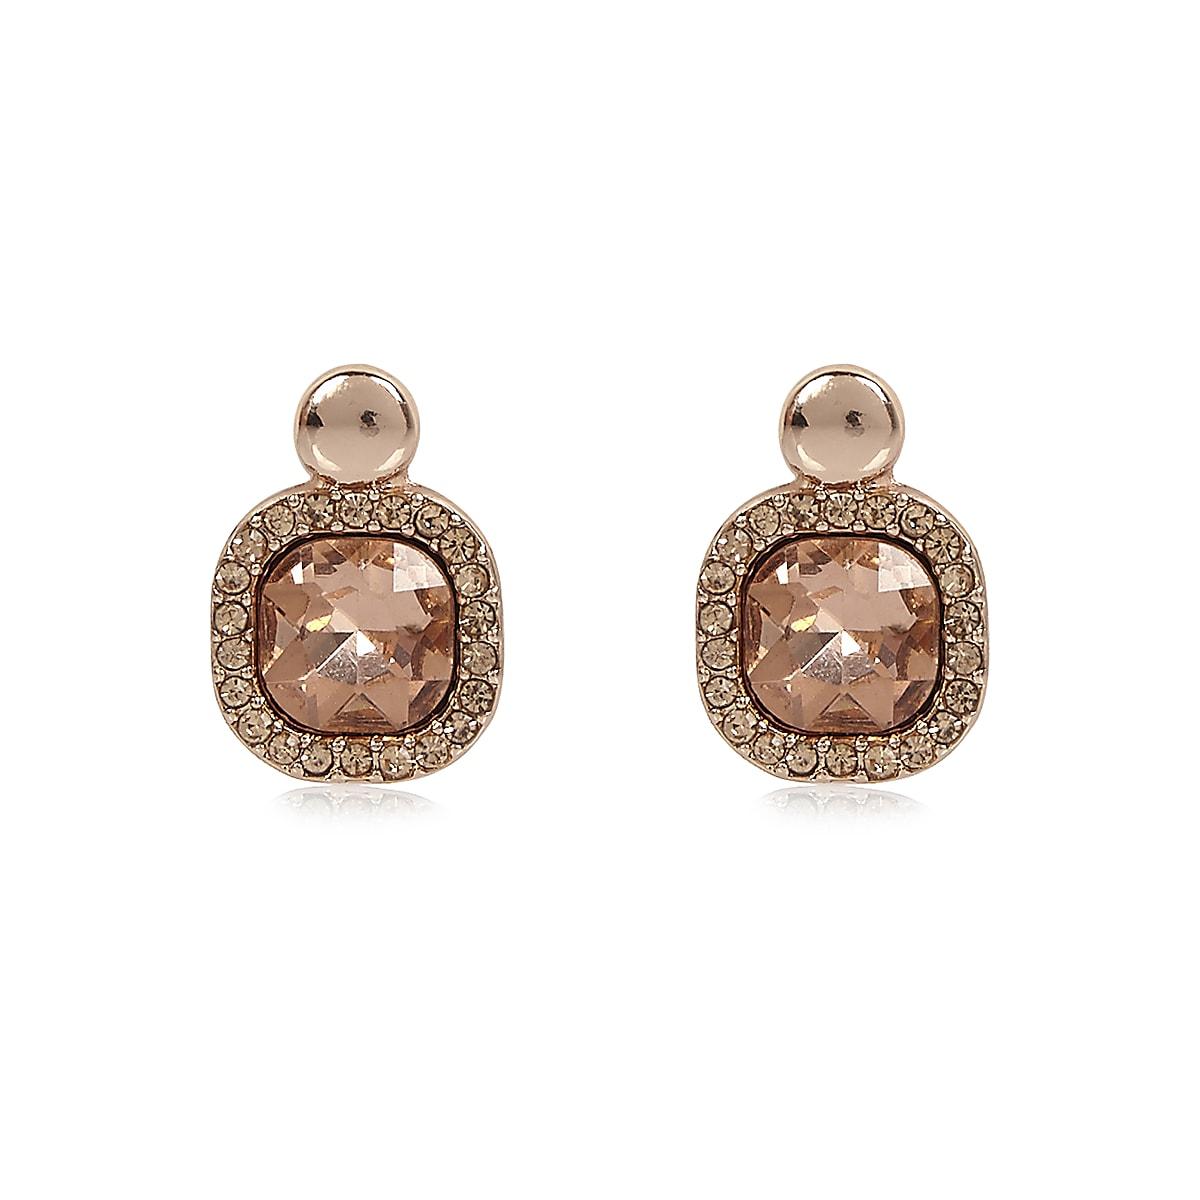 Rose gold gemstone stud earrings